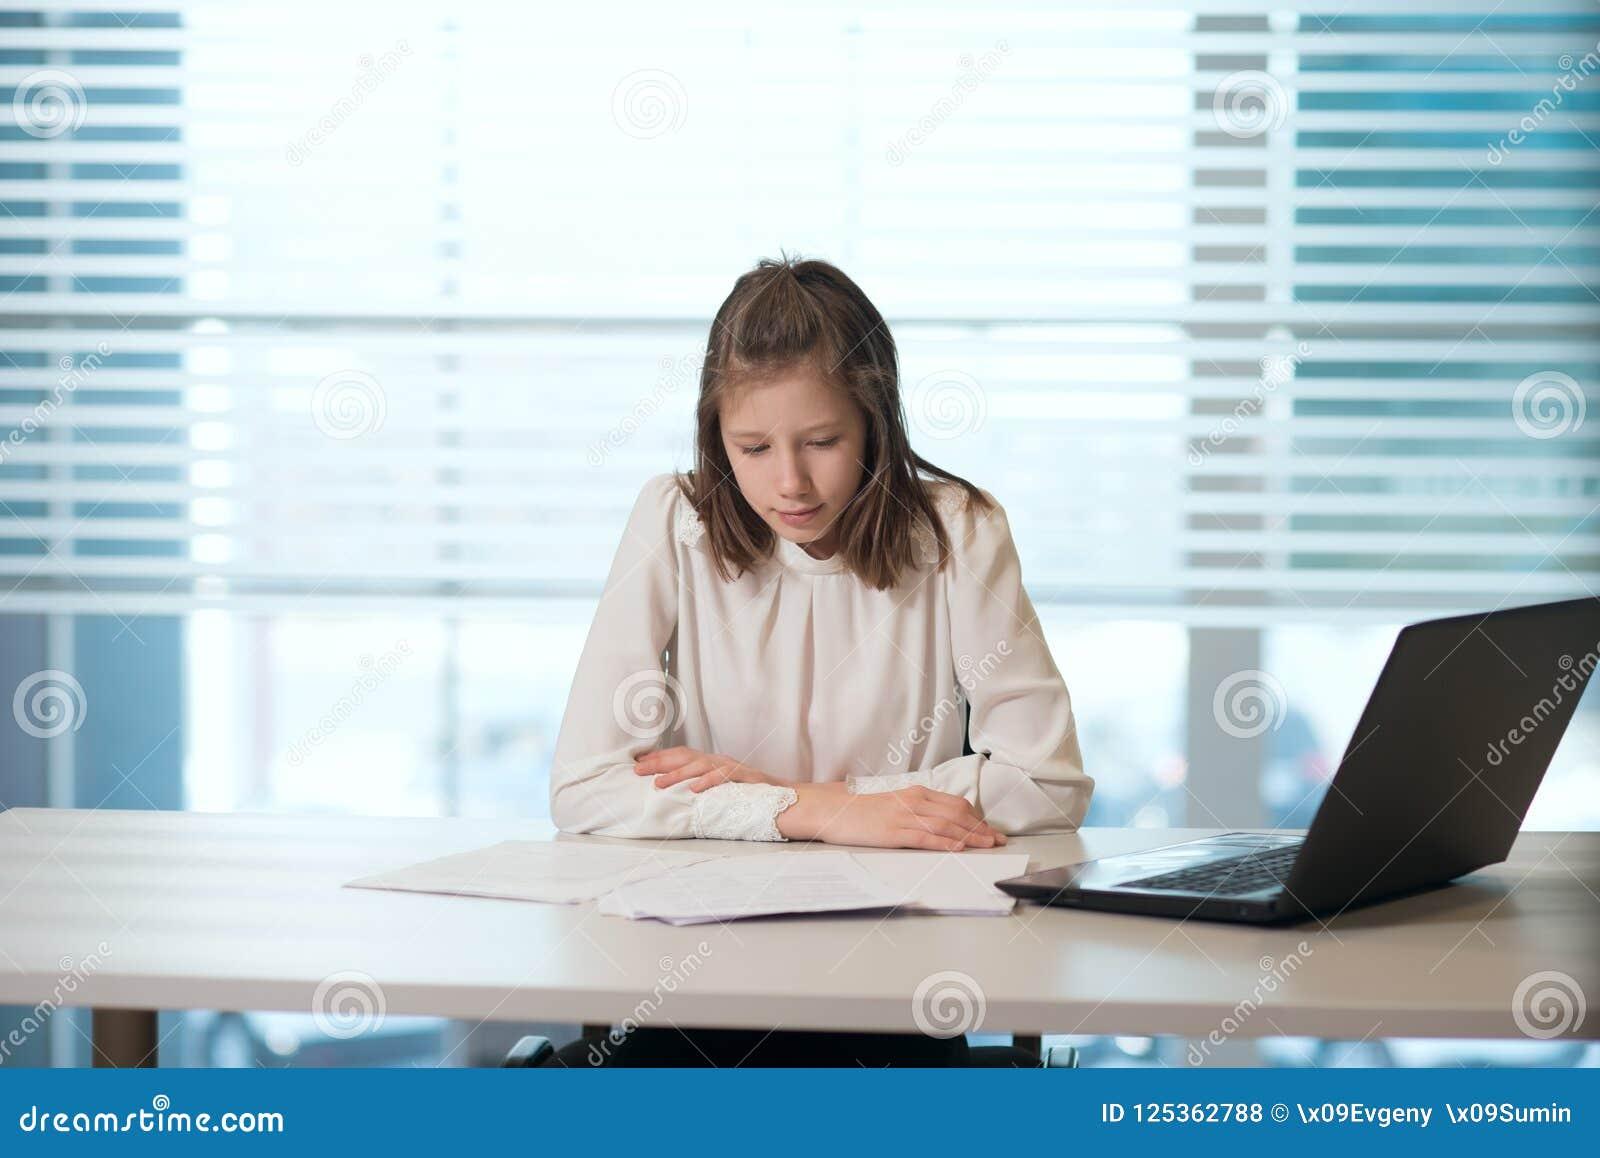 La donna di affari della ragazza in abbigliamento casual, sedentesi ad una tavola esamina molto attentamente i documenti, lavoran